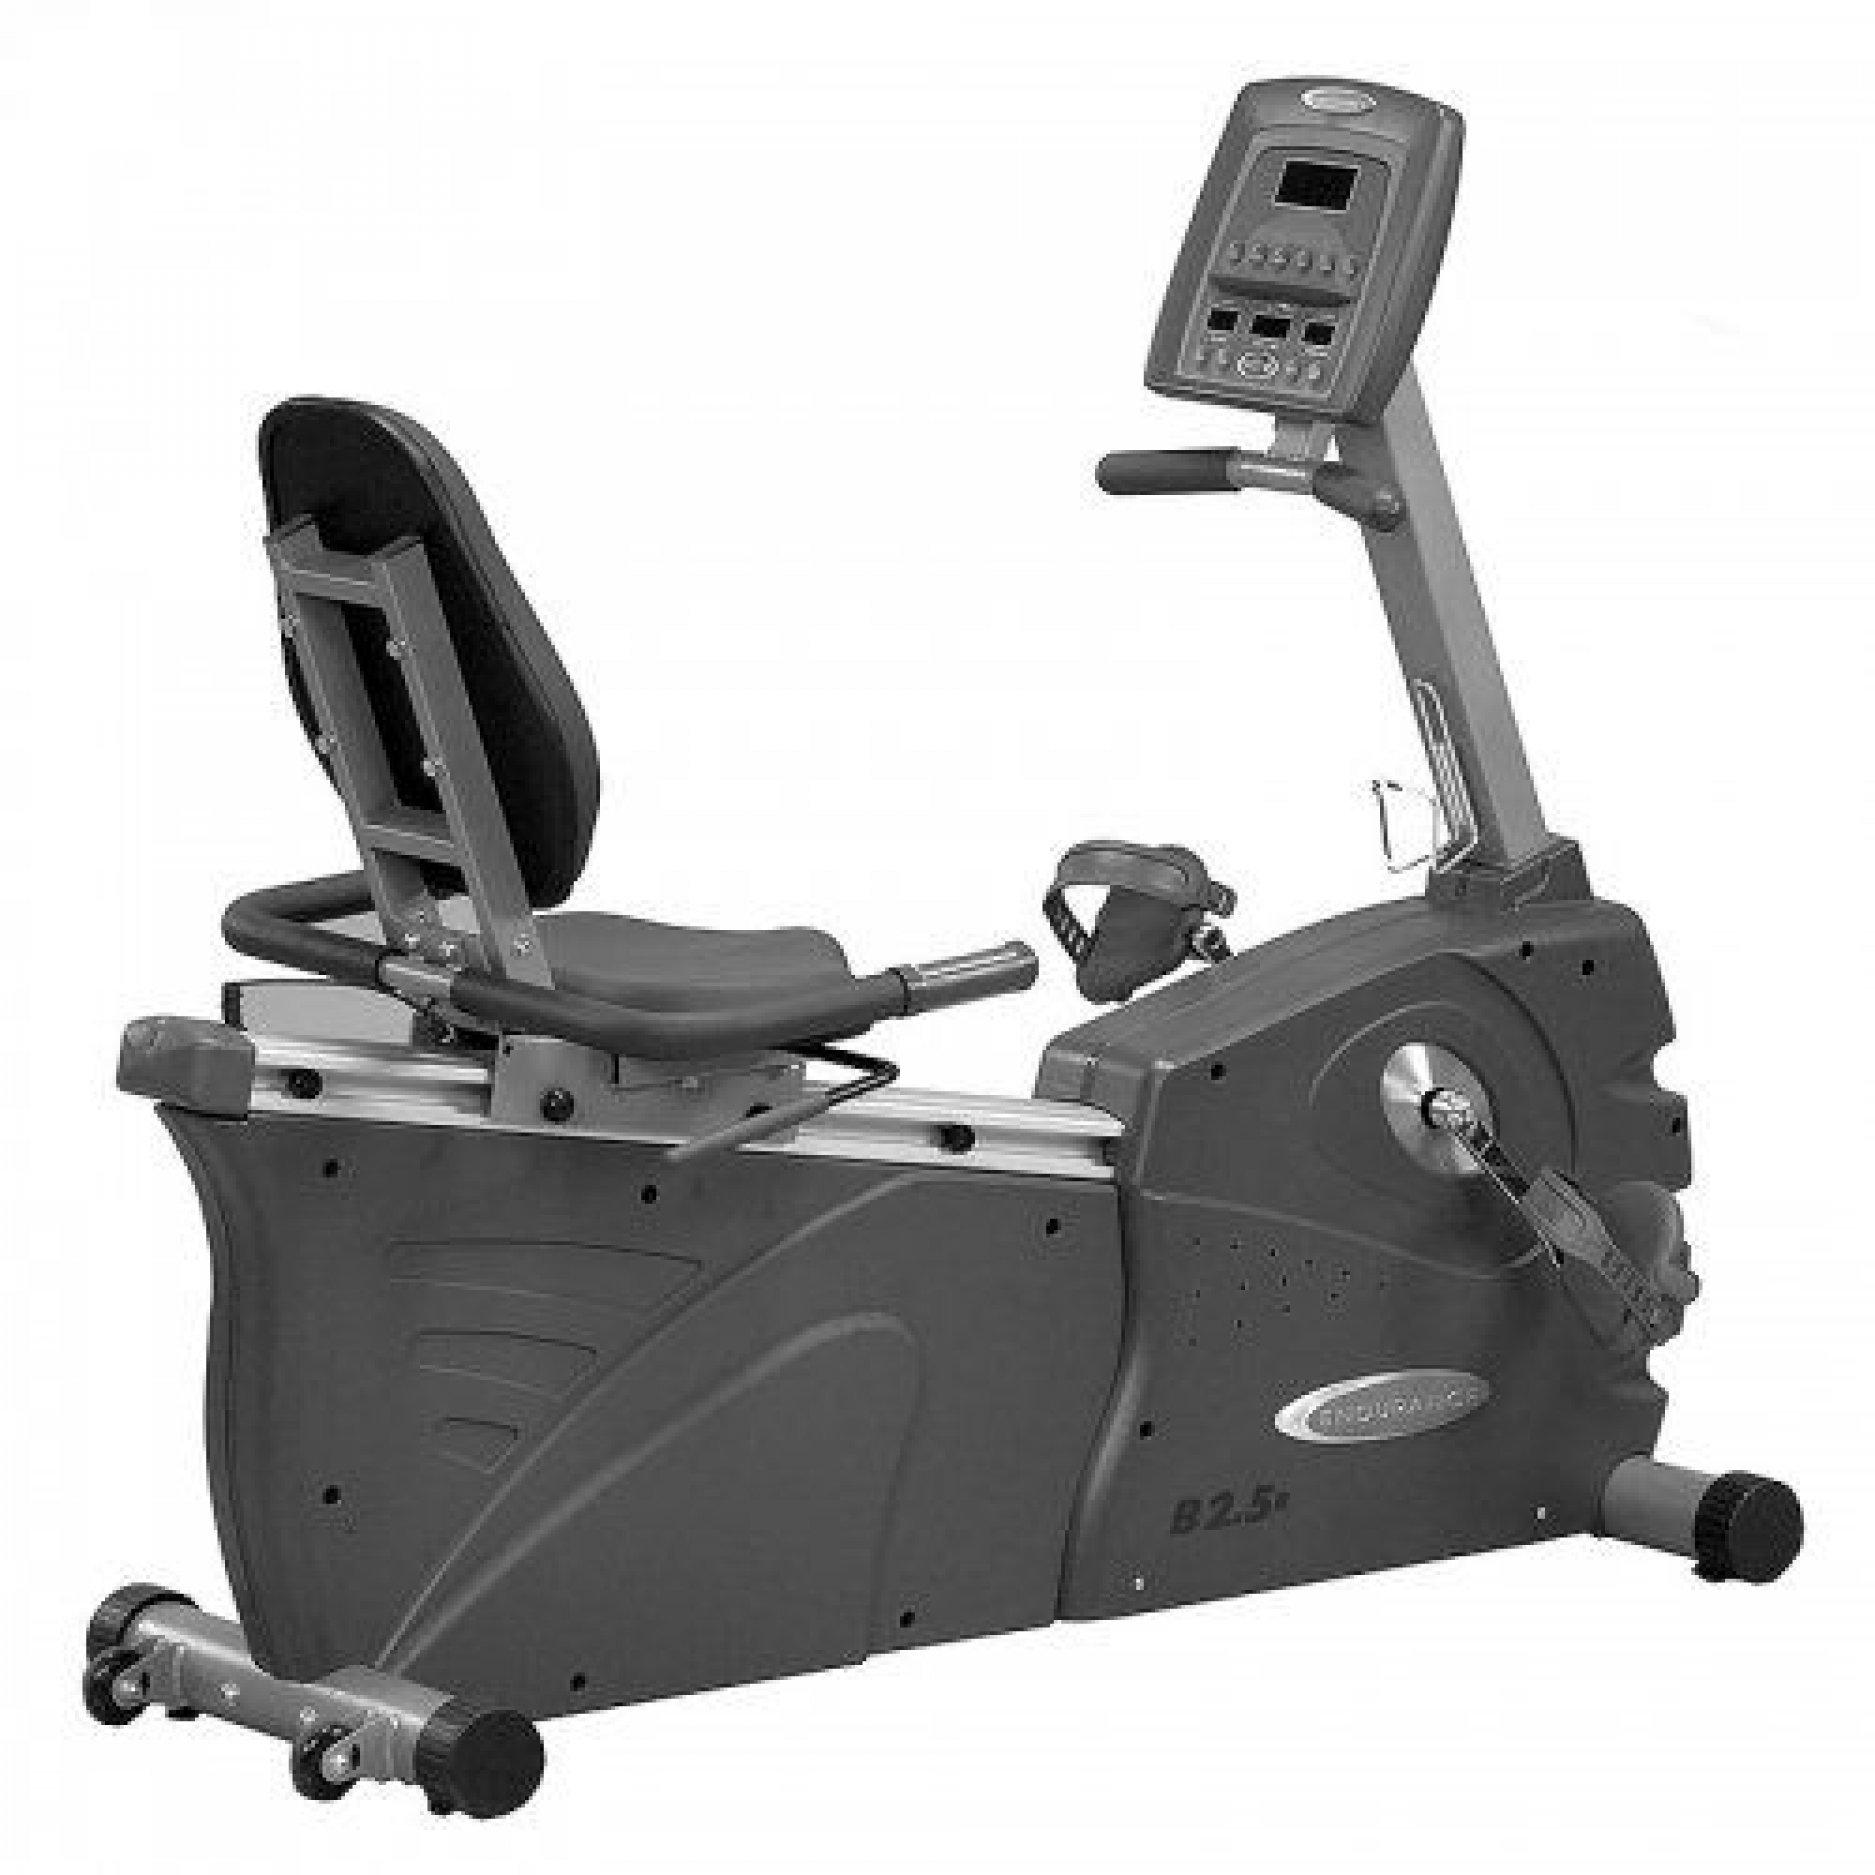 Велотренажер горизонтальный Body Solid Endurance B2-5R